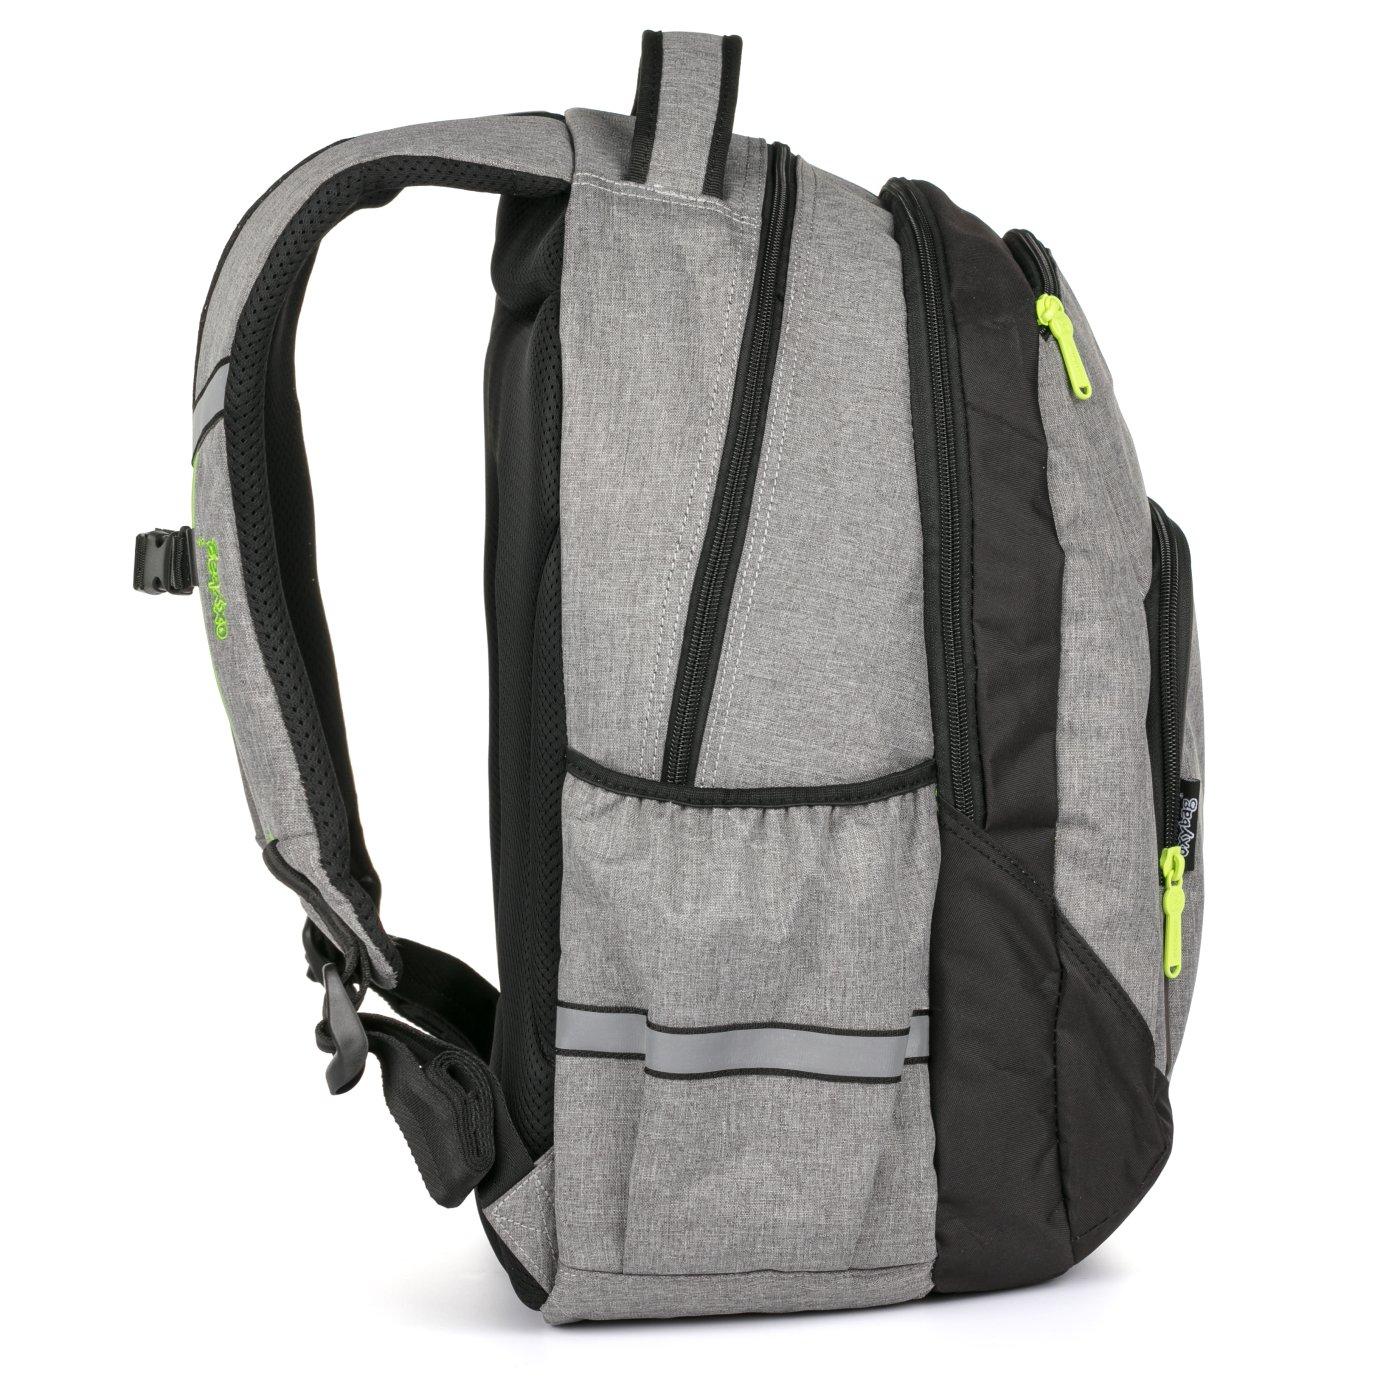 ... Studentský batoh OXY Style GREY LINE Green Bez licence · Image. OXY 405a264860